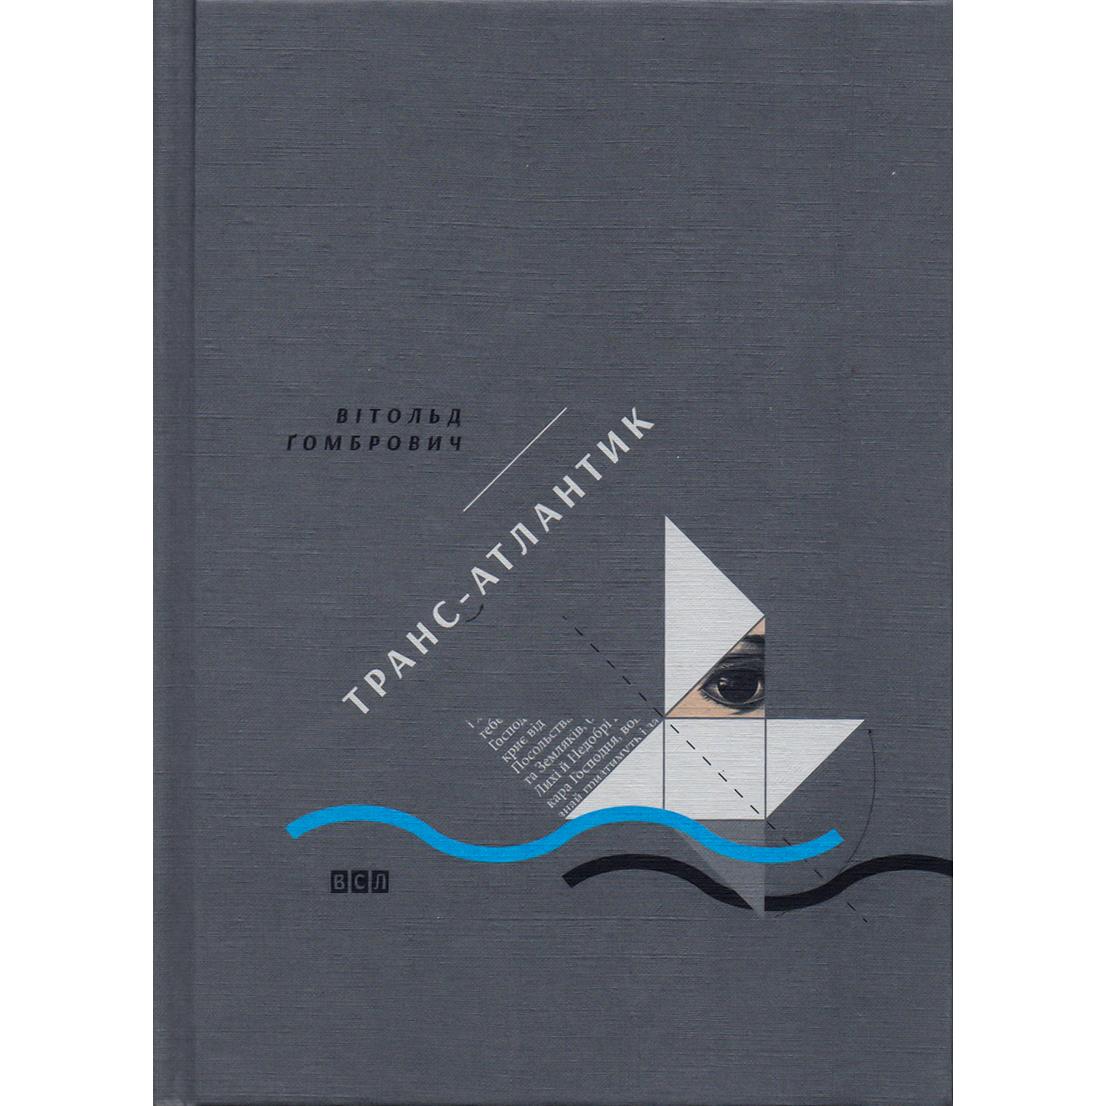 Купити книгу Транс-Атлантик, Вітольд Ґомбрович | Bukio